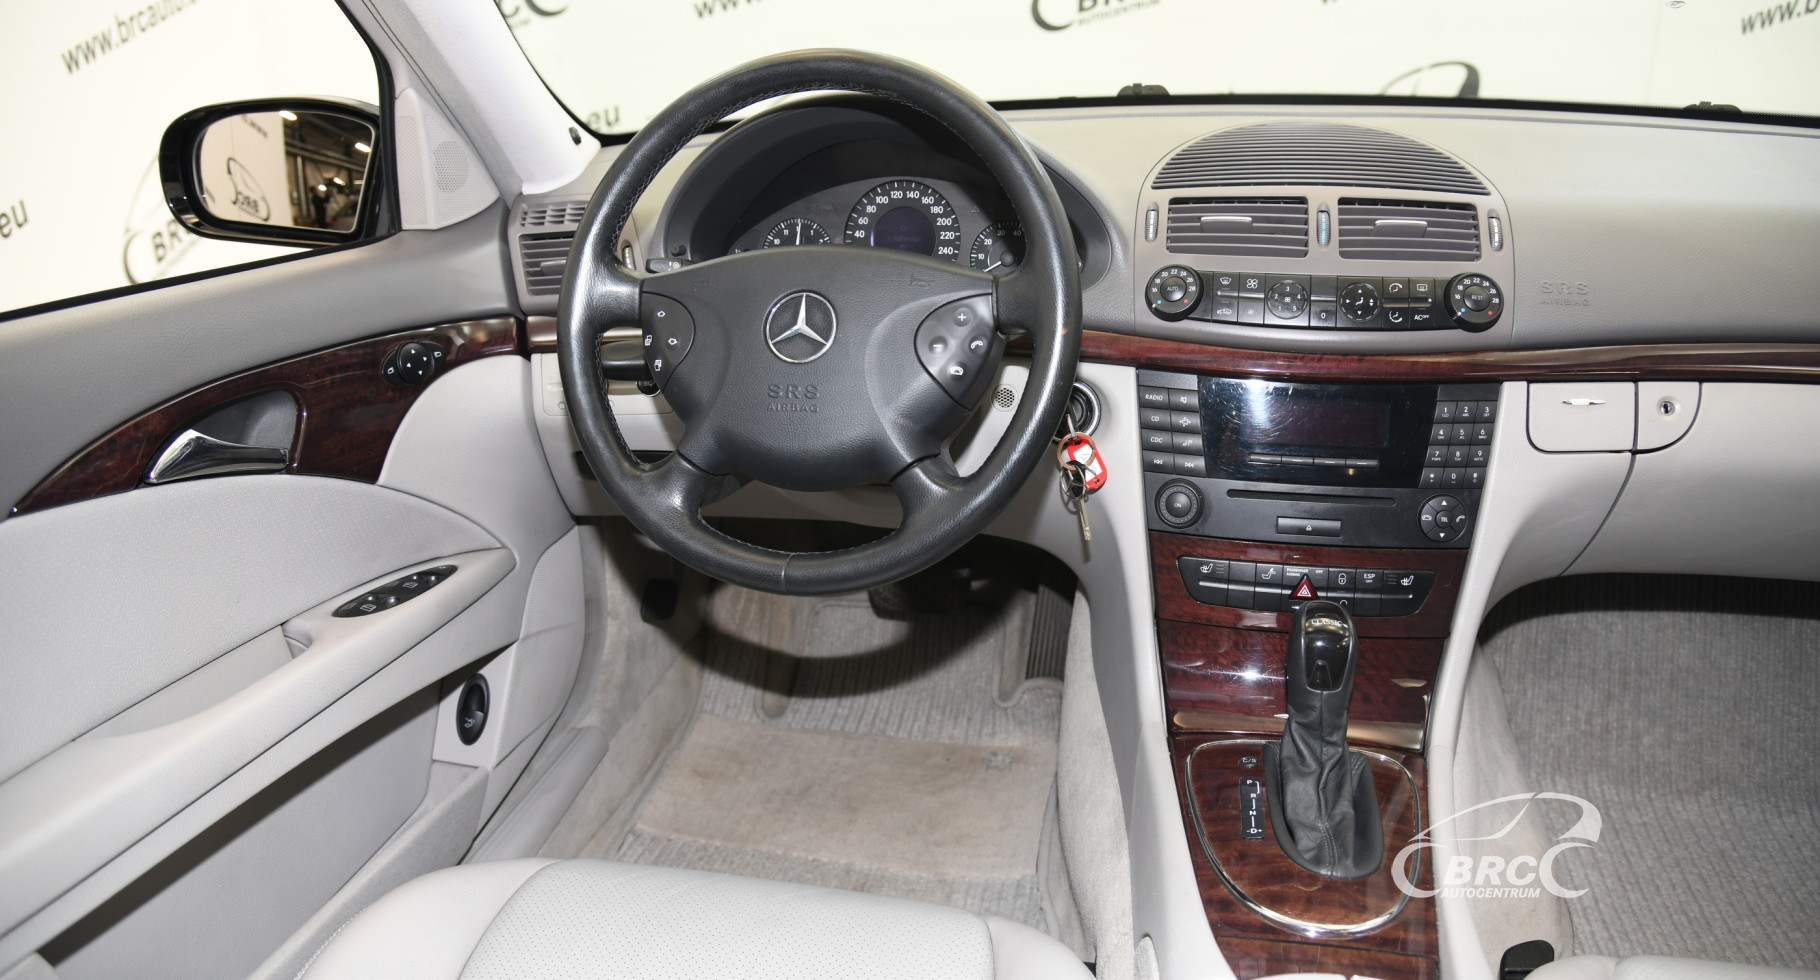 Mercedes-Benz E 320 4Matic Classic Automatas